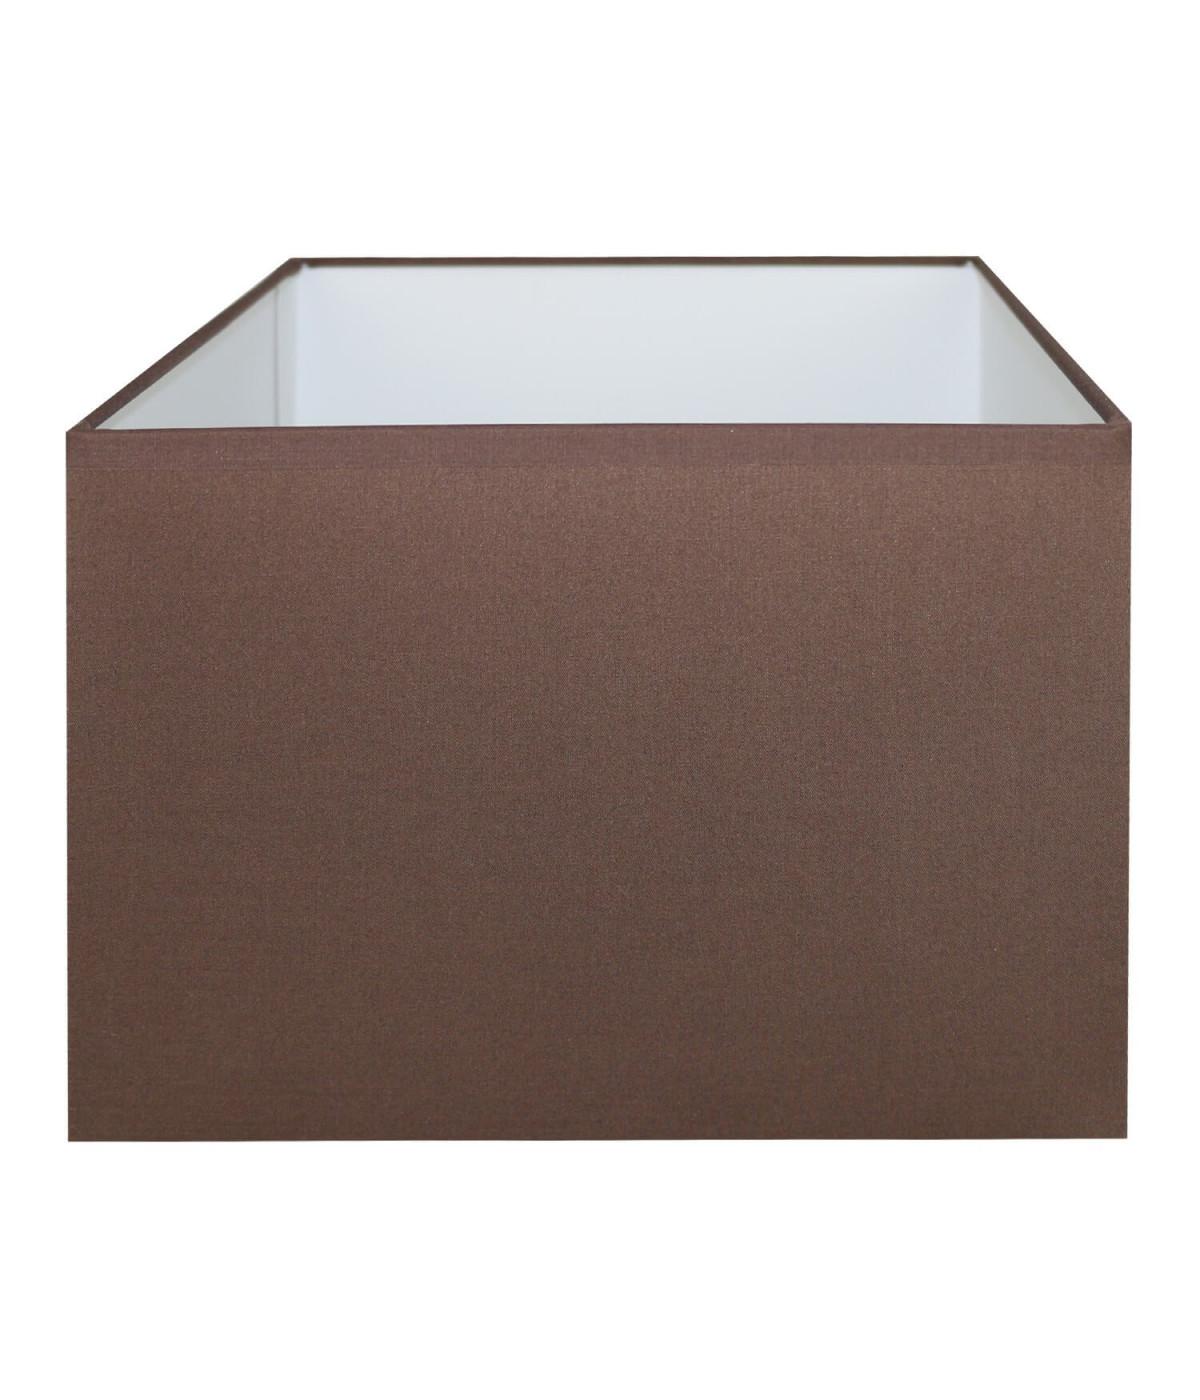 Abat-jour rectangle Chocolat